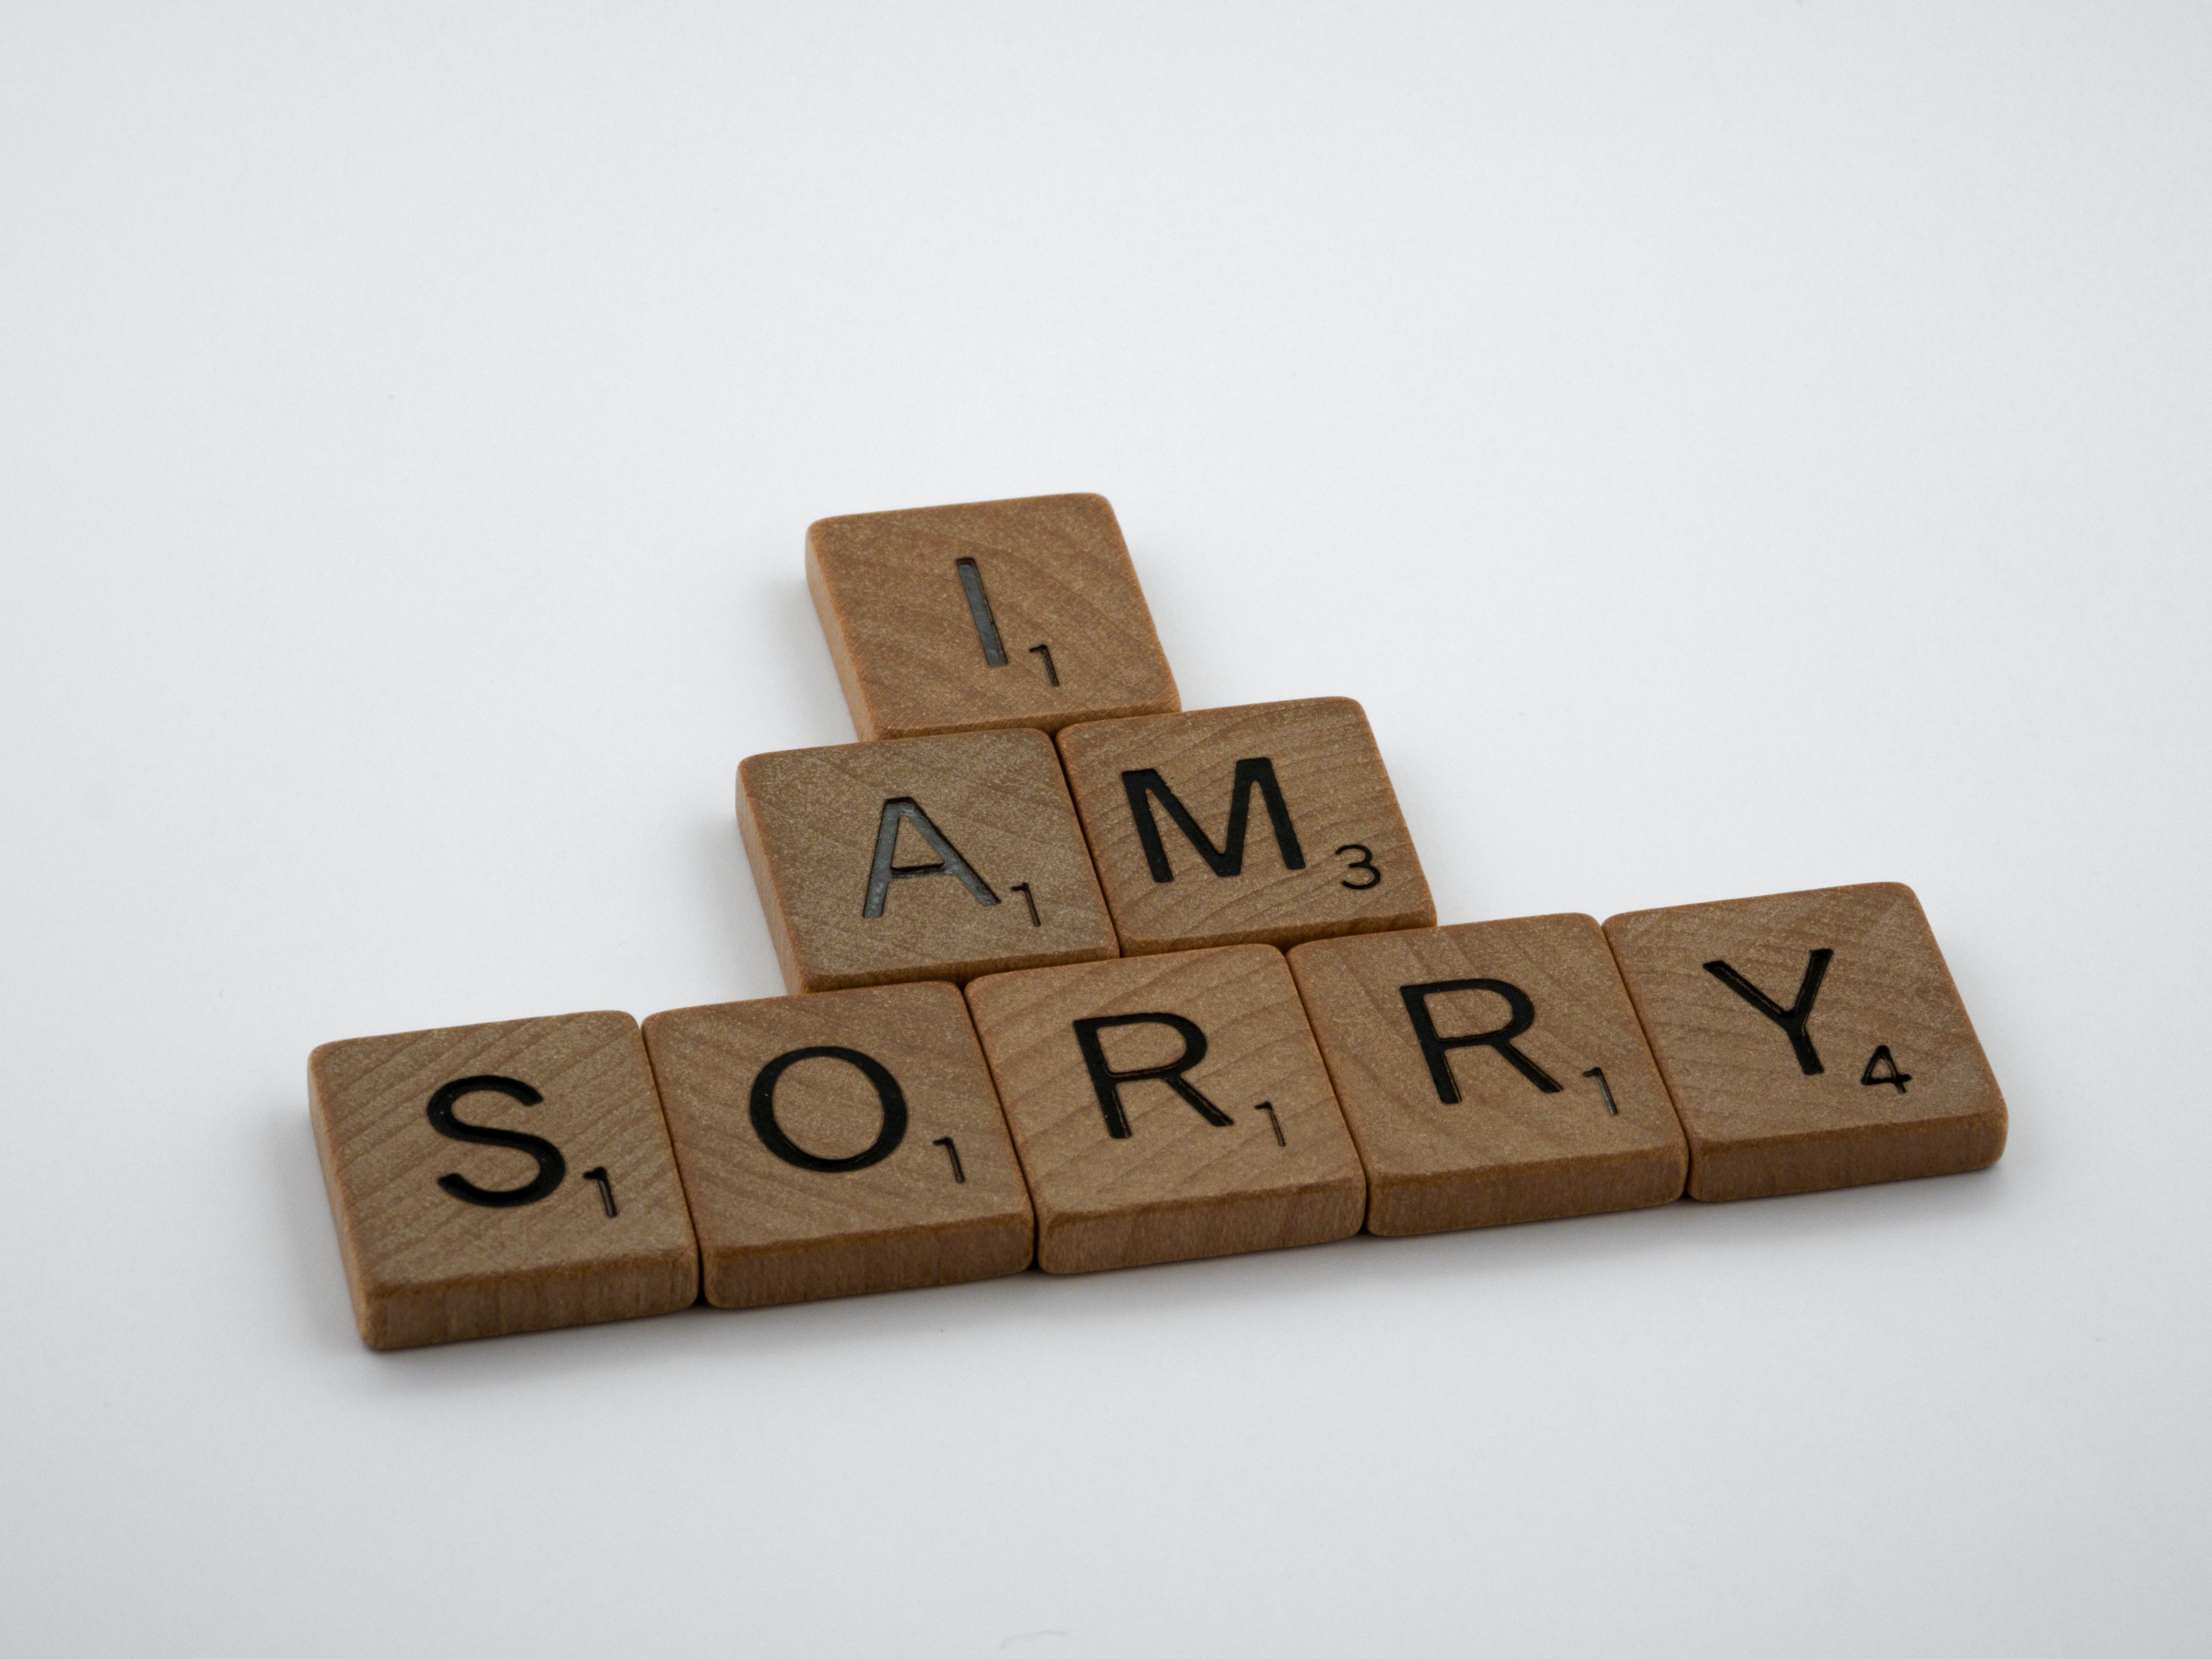 013原來這才是道歉